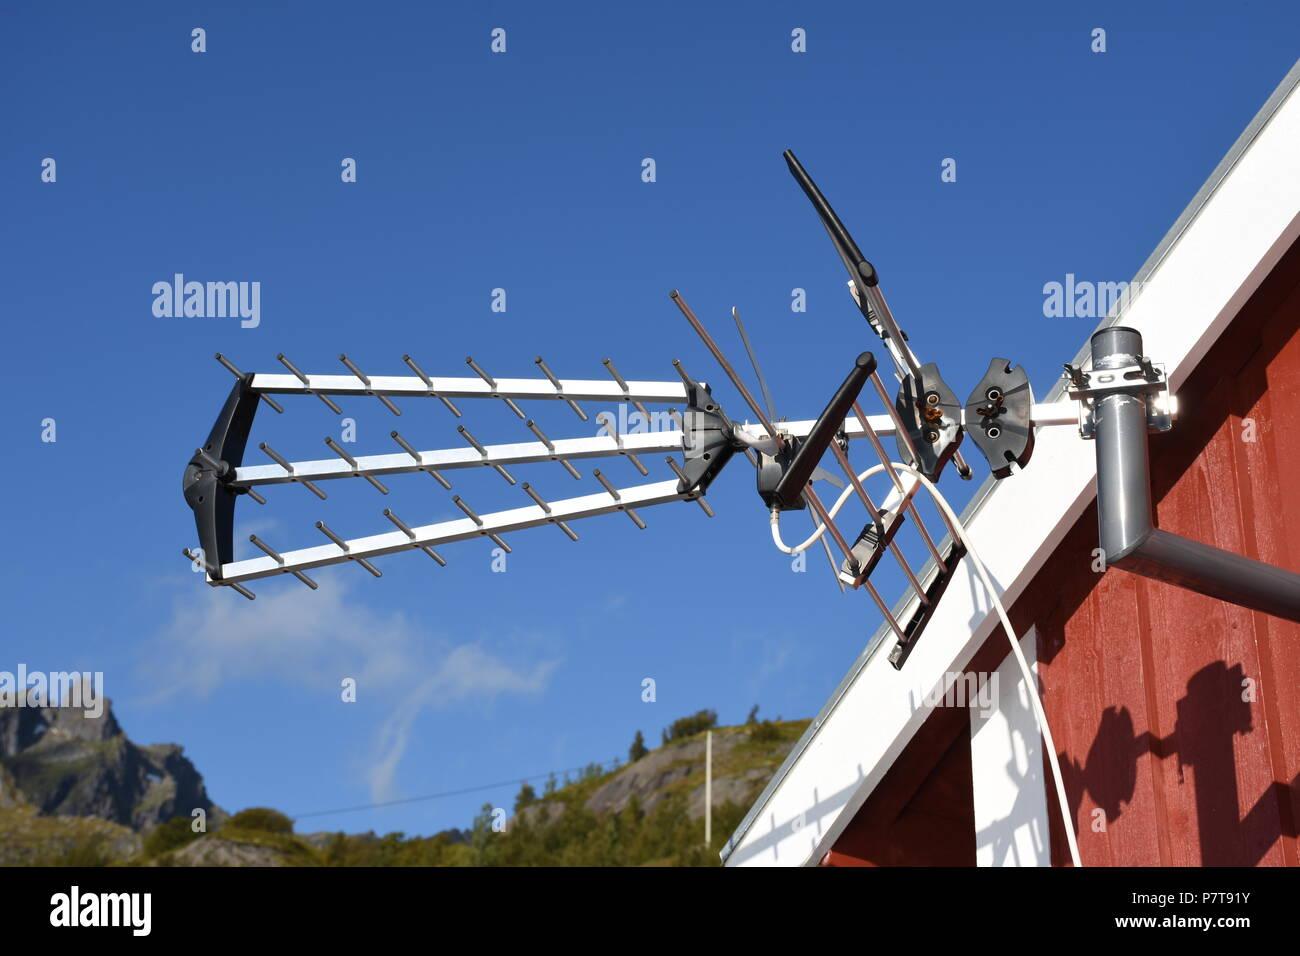 Antenne, TV, Fernsehen, Fernsehantenne, UHF, Richtantenne, Norwegen, Lofoten, Skandinavien, Yagi, Yagi Antenne, DVB-T, DVB-T2 Stockbild